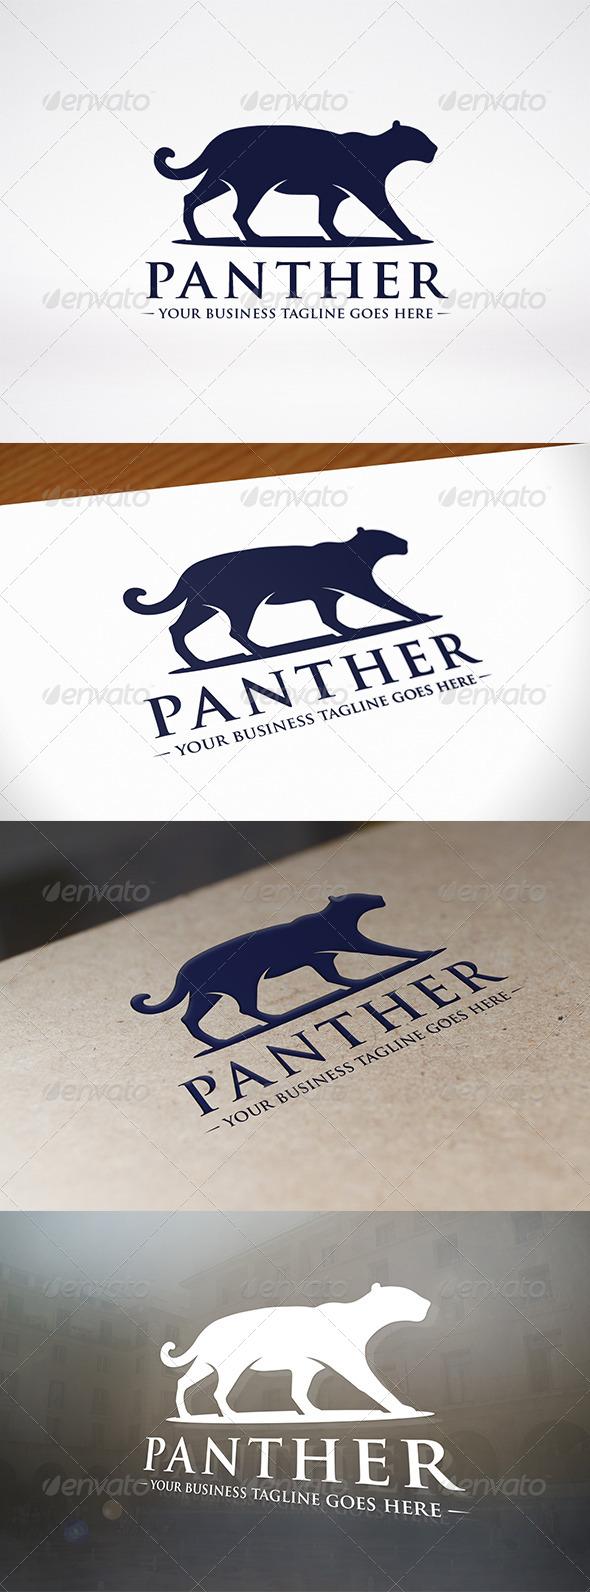 Panther Logo Template - Animals Logo Templates